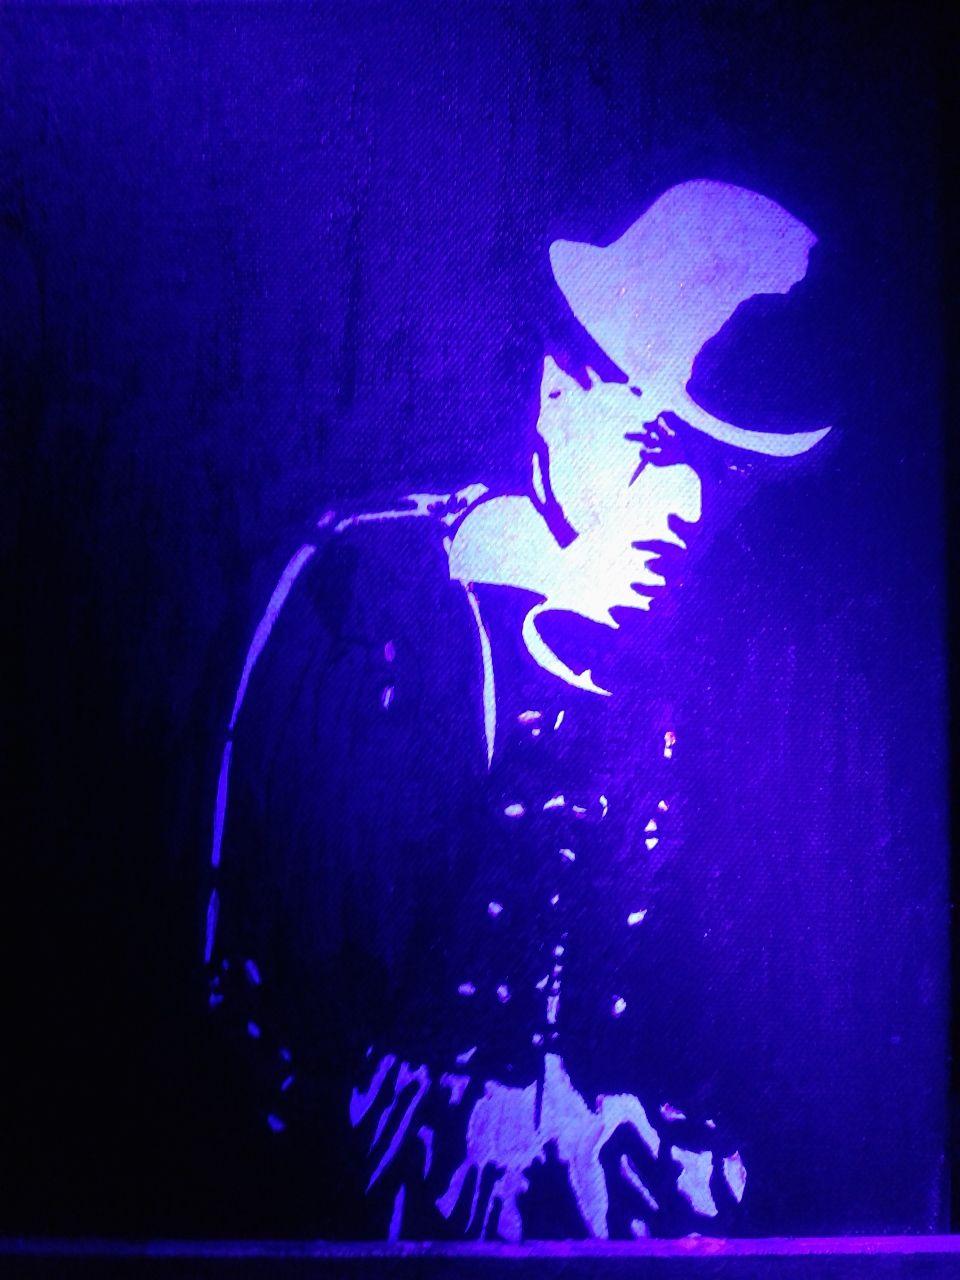 bild clown schwarzlicht licht leuchtbilder von mycrazypictures bei kunstnet. Black Bedroom Furniture Sets. Home Design Ideas